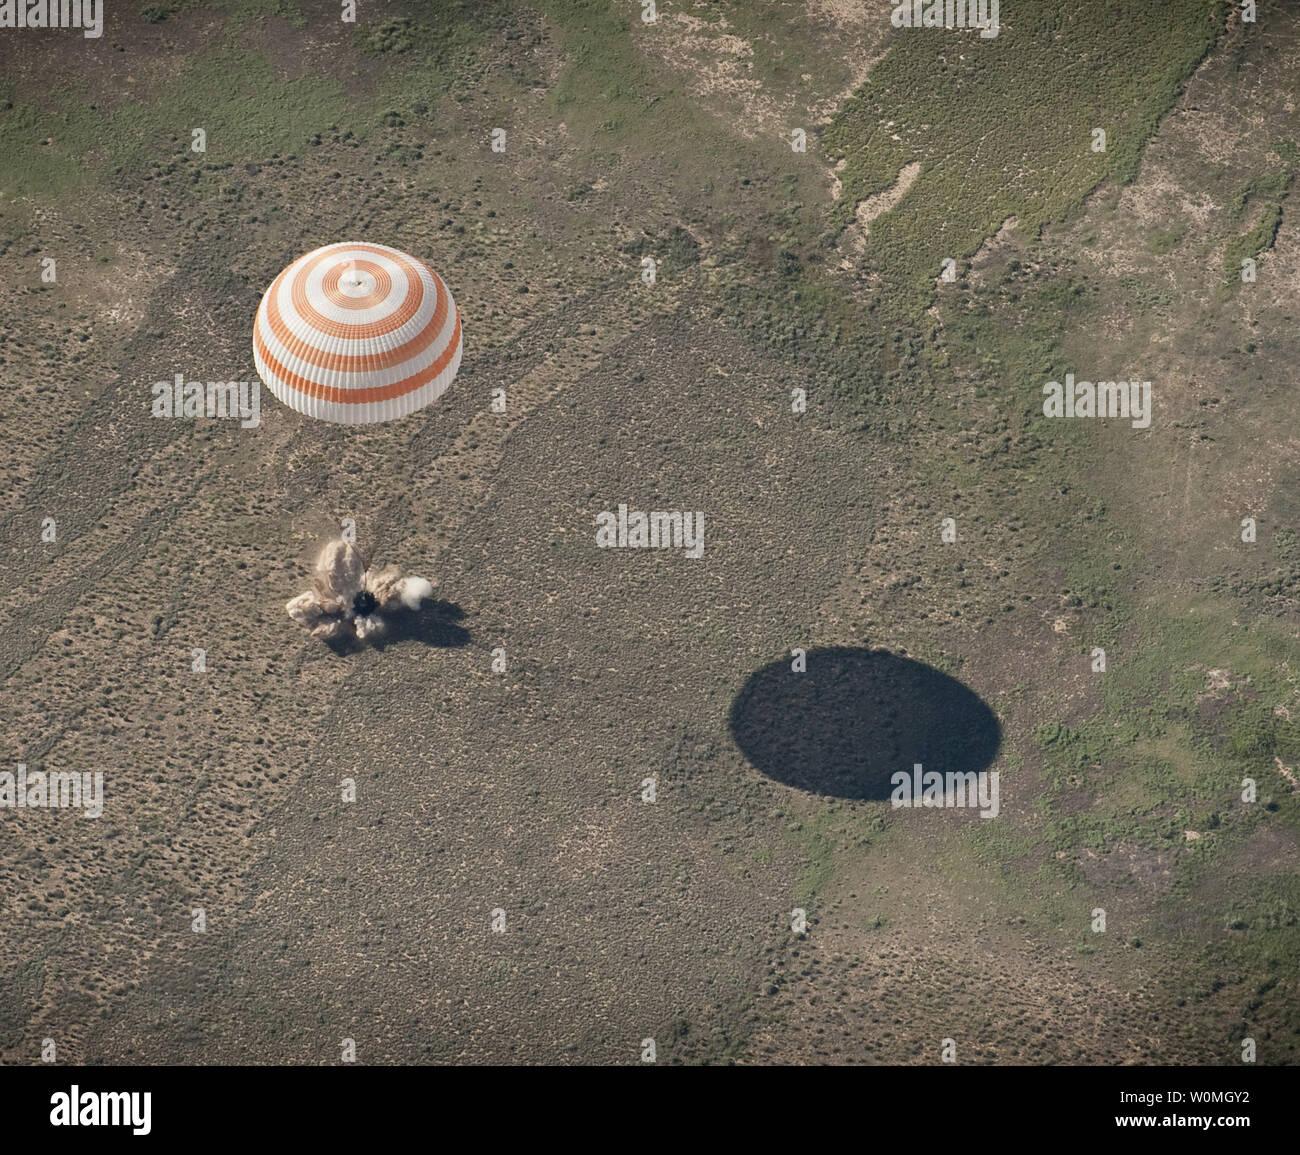 Il Soyuz TMA-17 lander è visto come si atterra con spedizione 23 comandante Oleg Kotov e gli ingegneri di volo T.J. Creamer e Soichi Noguchi vicino alla città di Zhezkazgan, Kazakistan il 2 giugno 2010. L'astronauta della NASA Creamer, cosmonauta russo Kotov e astronauta giapponese Noguchi sono di ritorno da sei mesi a bordo della Stazione spaziale internazionale dove sono serviti come membri della spedizione 22 e 23 equipaggi. UPI//Bill Ingalls/NASA Immagini Stock